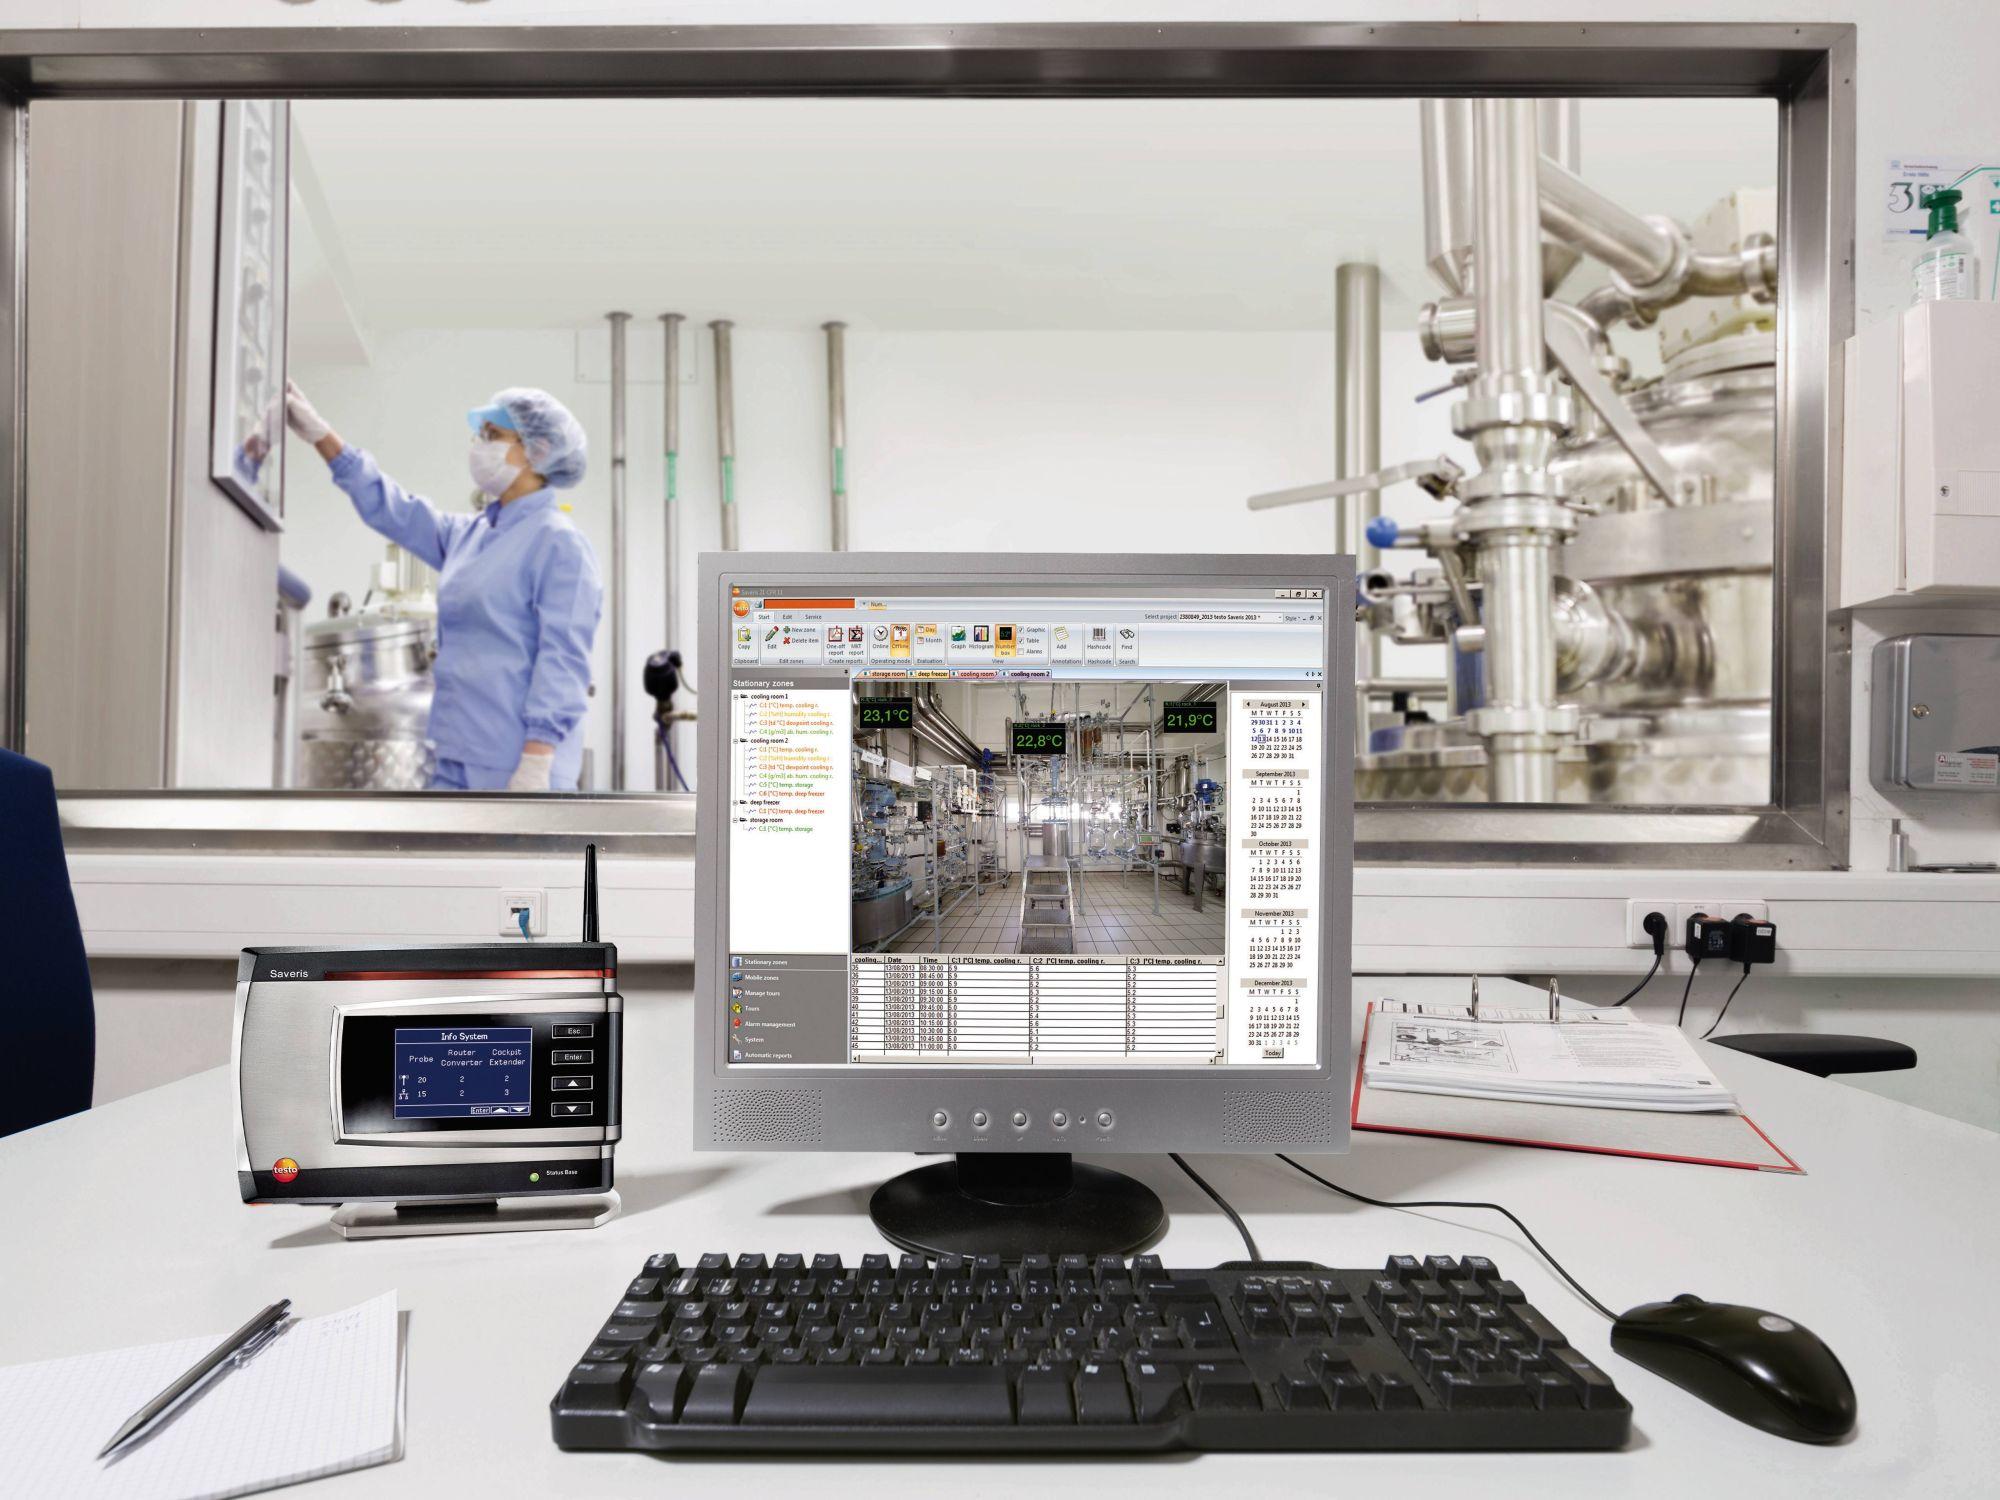 Klimaatbewaking in laboratoria voor levensmiddelen